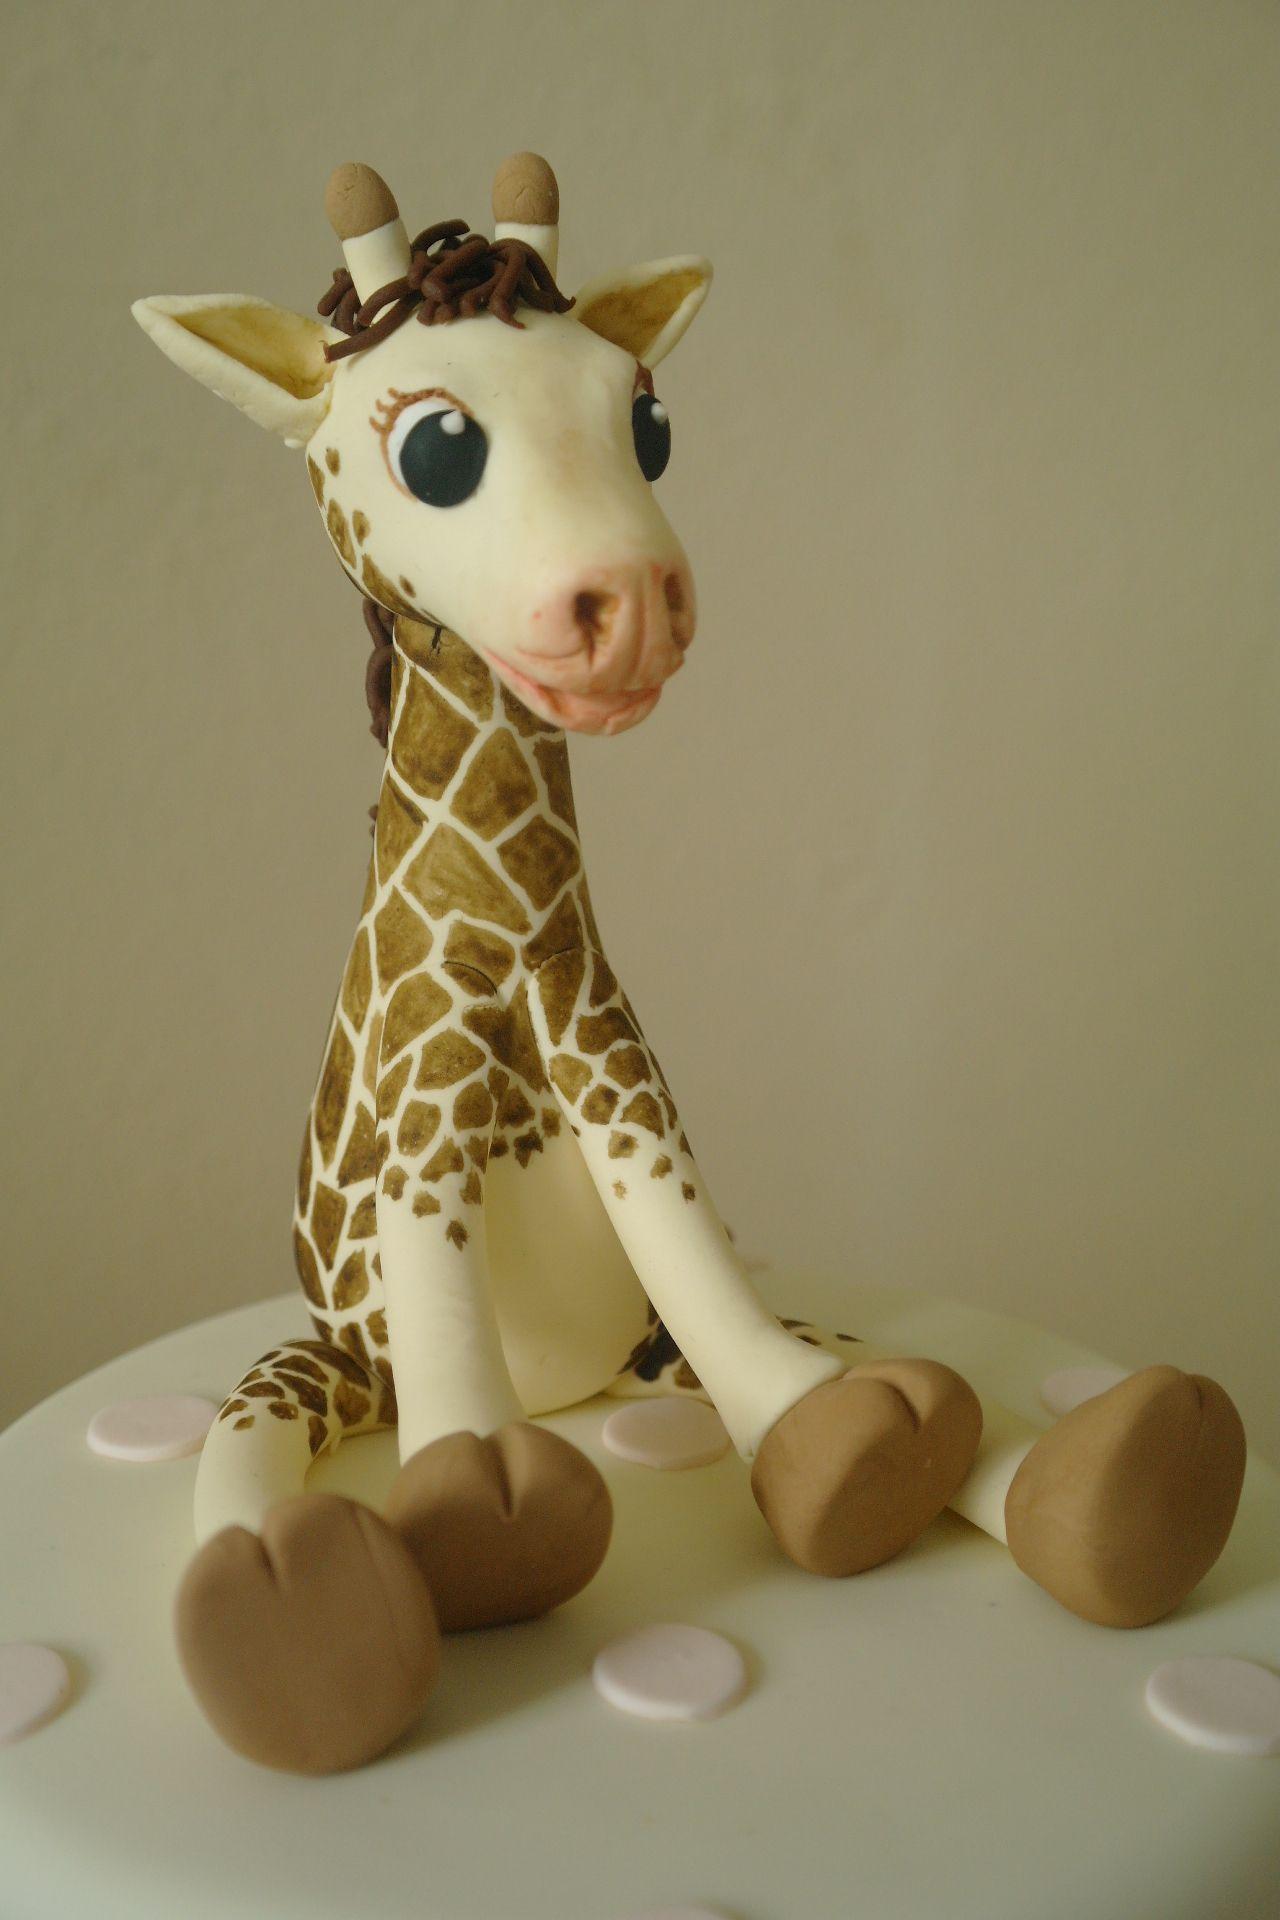 Cake Decorating Animal Figures Fondant Giraffes Fondant Giraffe Cake Decorating Community